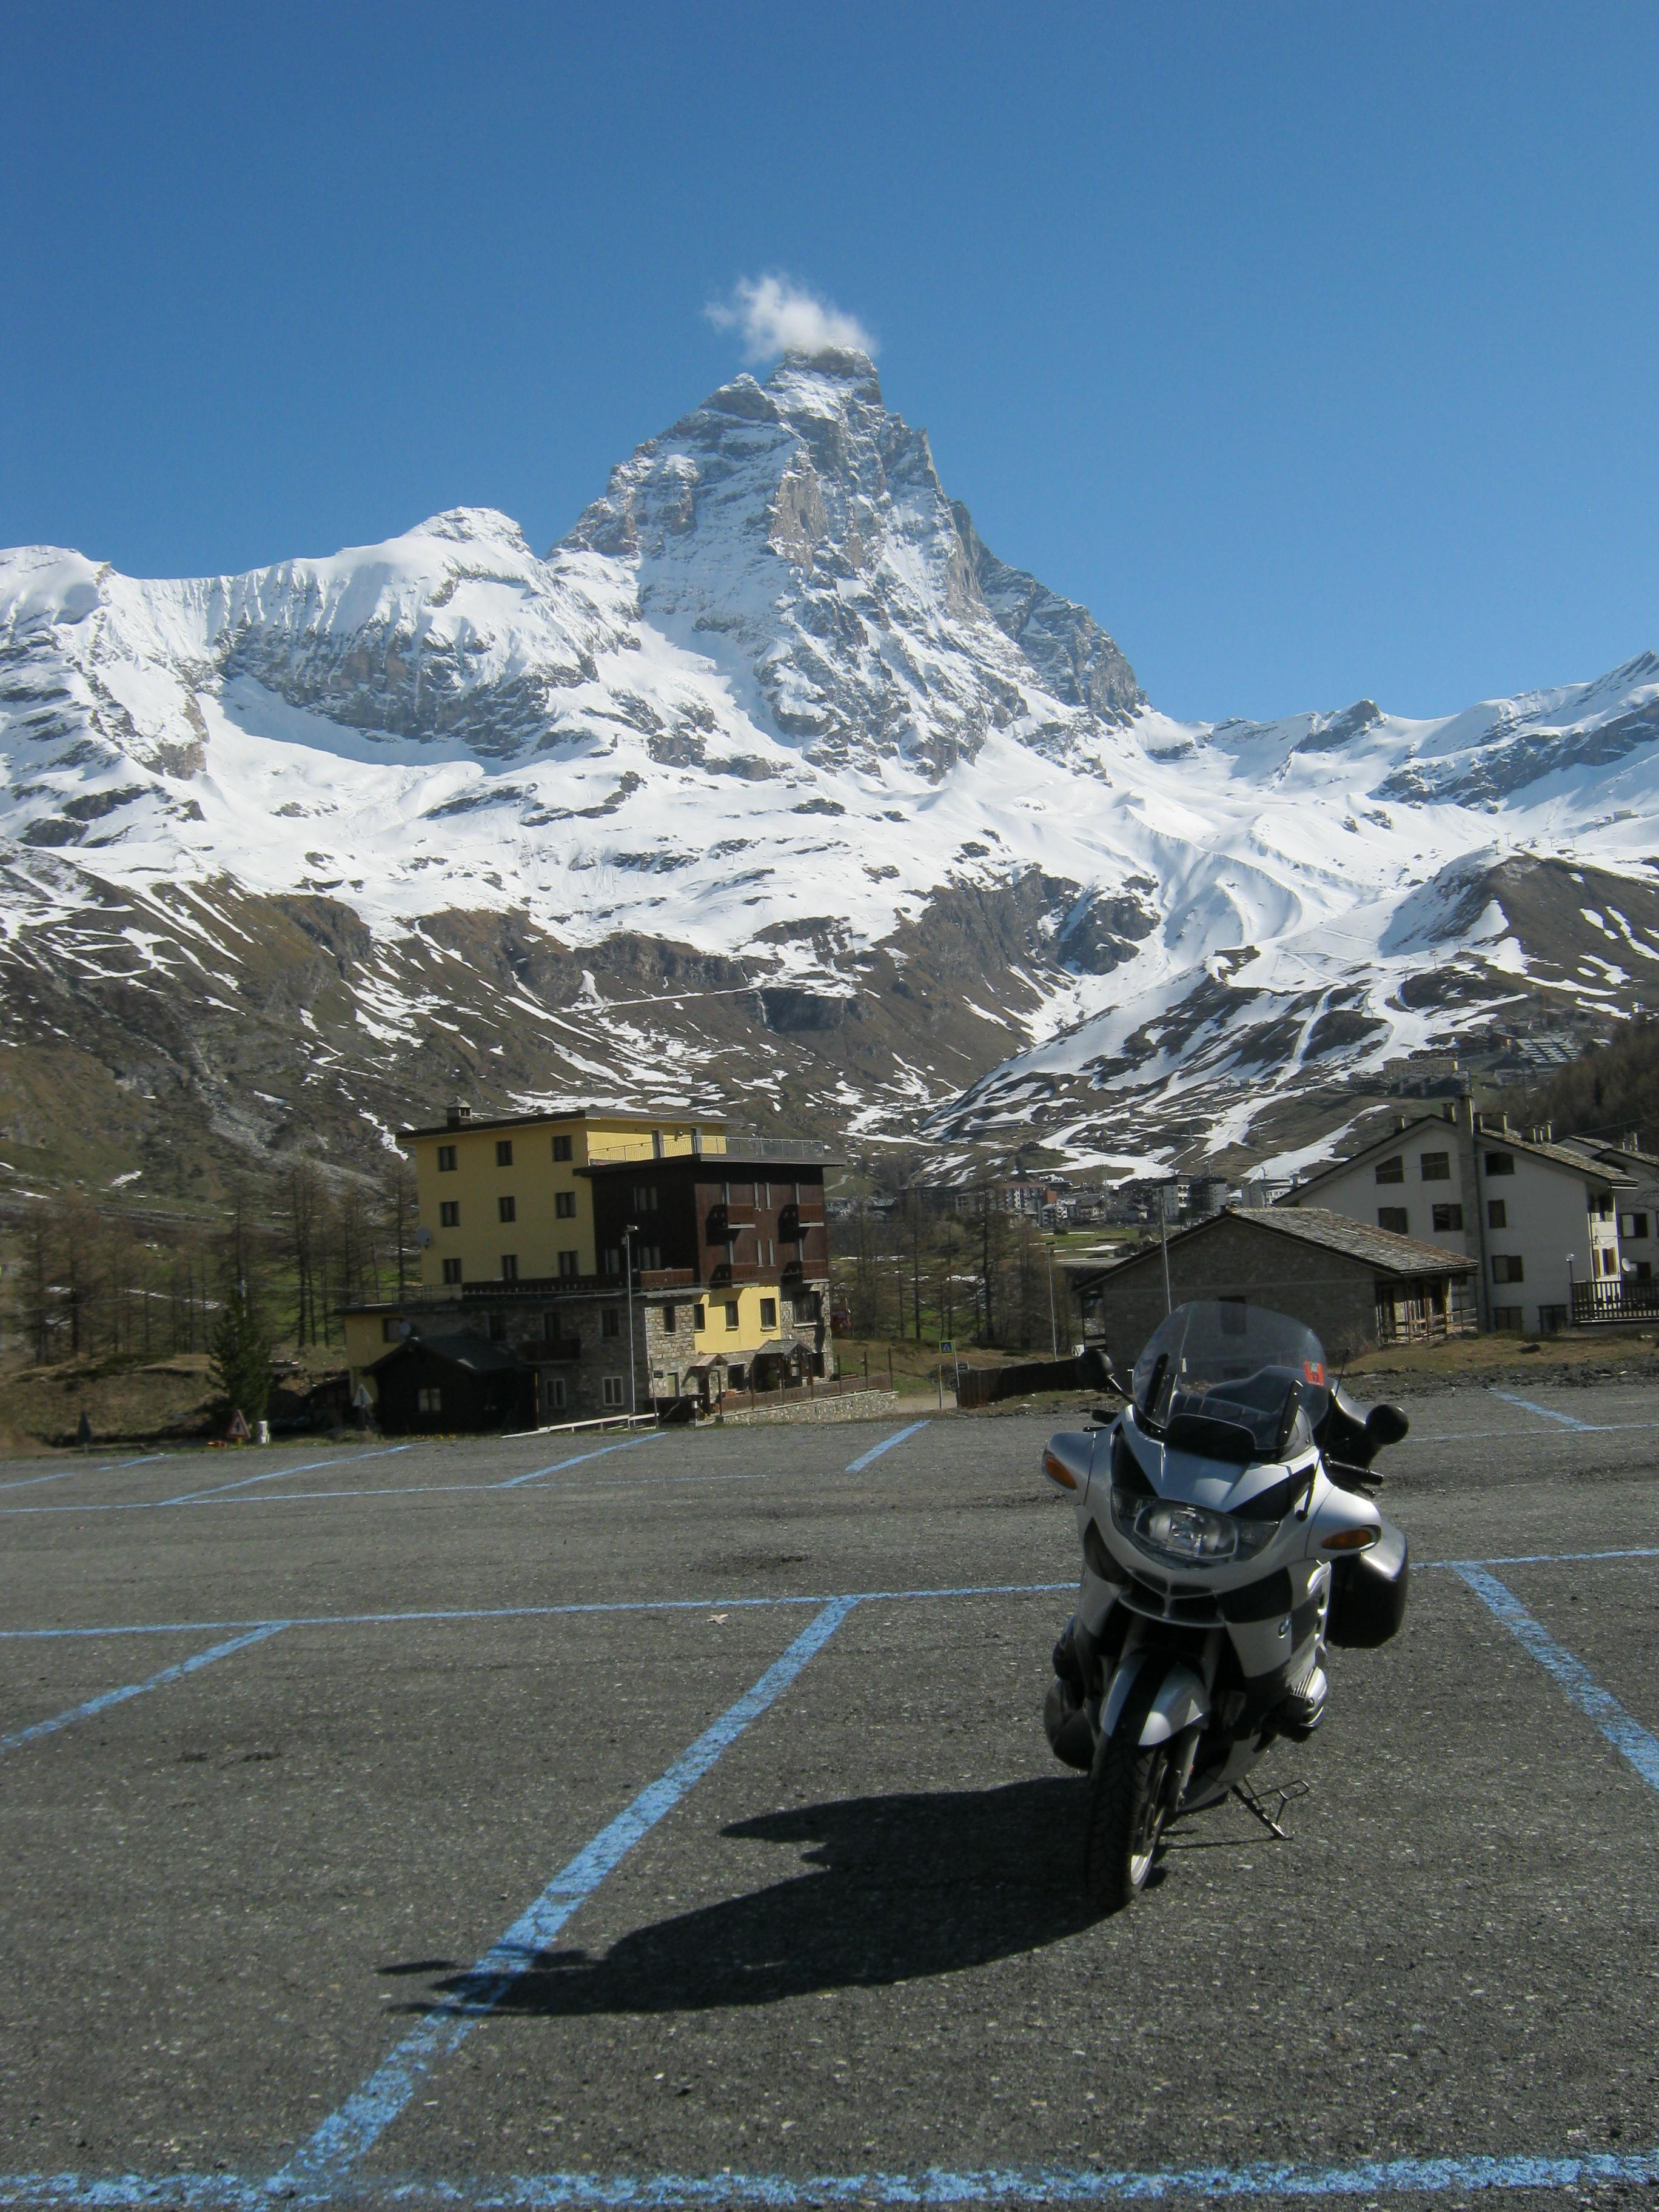 Mont Cervinia (the Matterhorn)